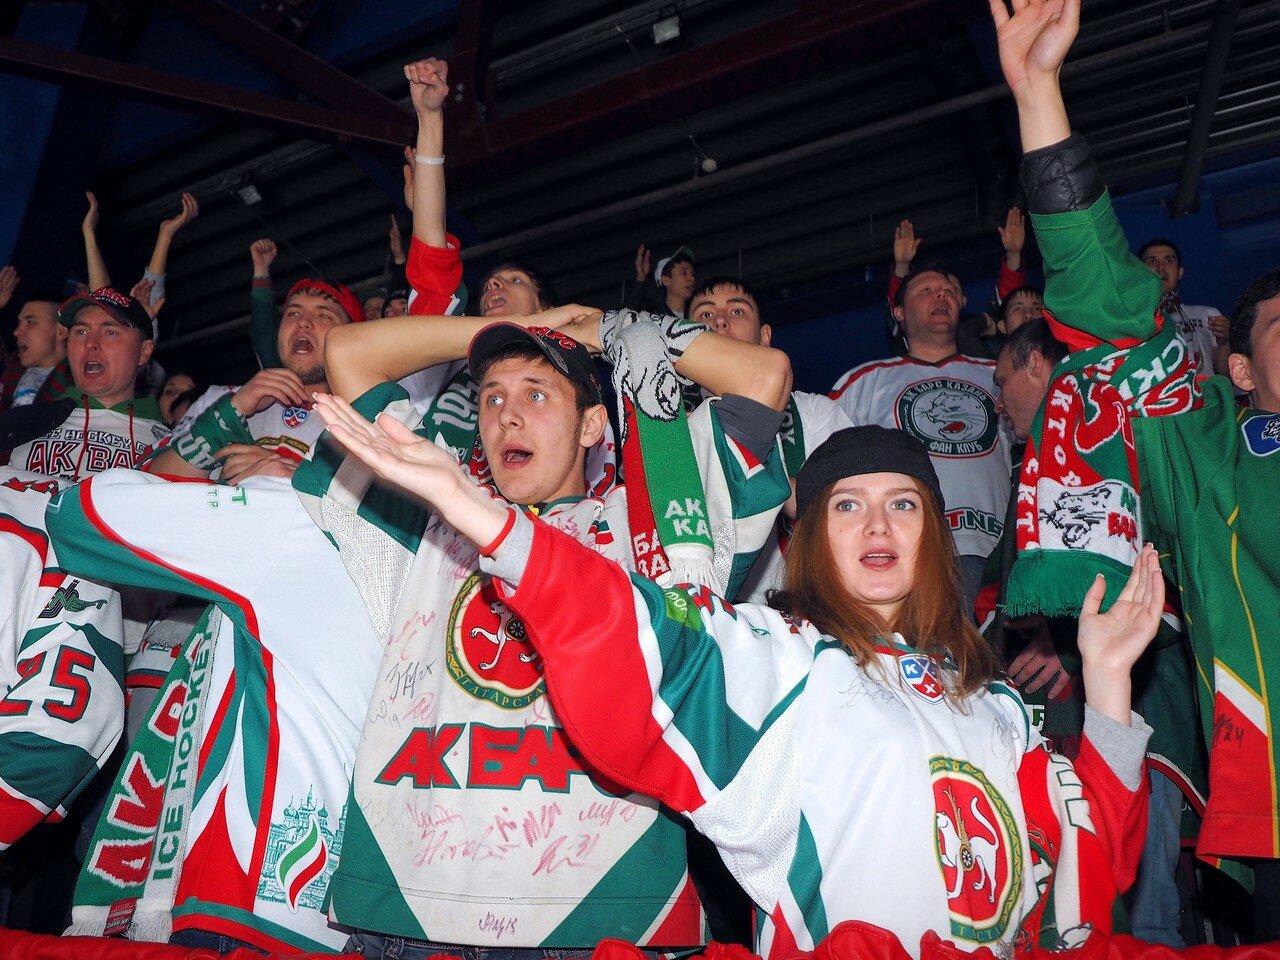 62 Первая игра финала плей-офф восточной конференции 2017 Металлург - АкБарс 24.03.2017